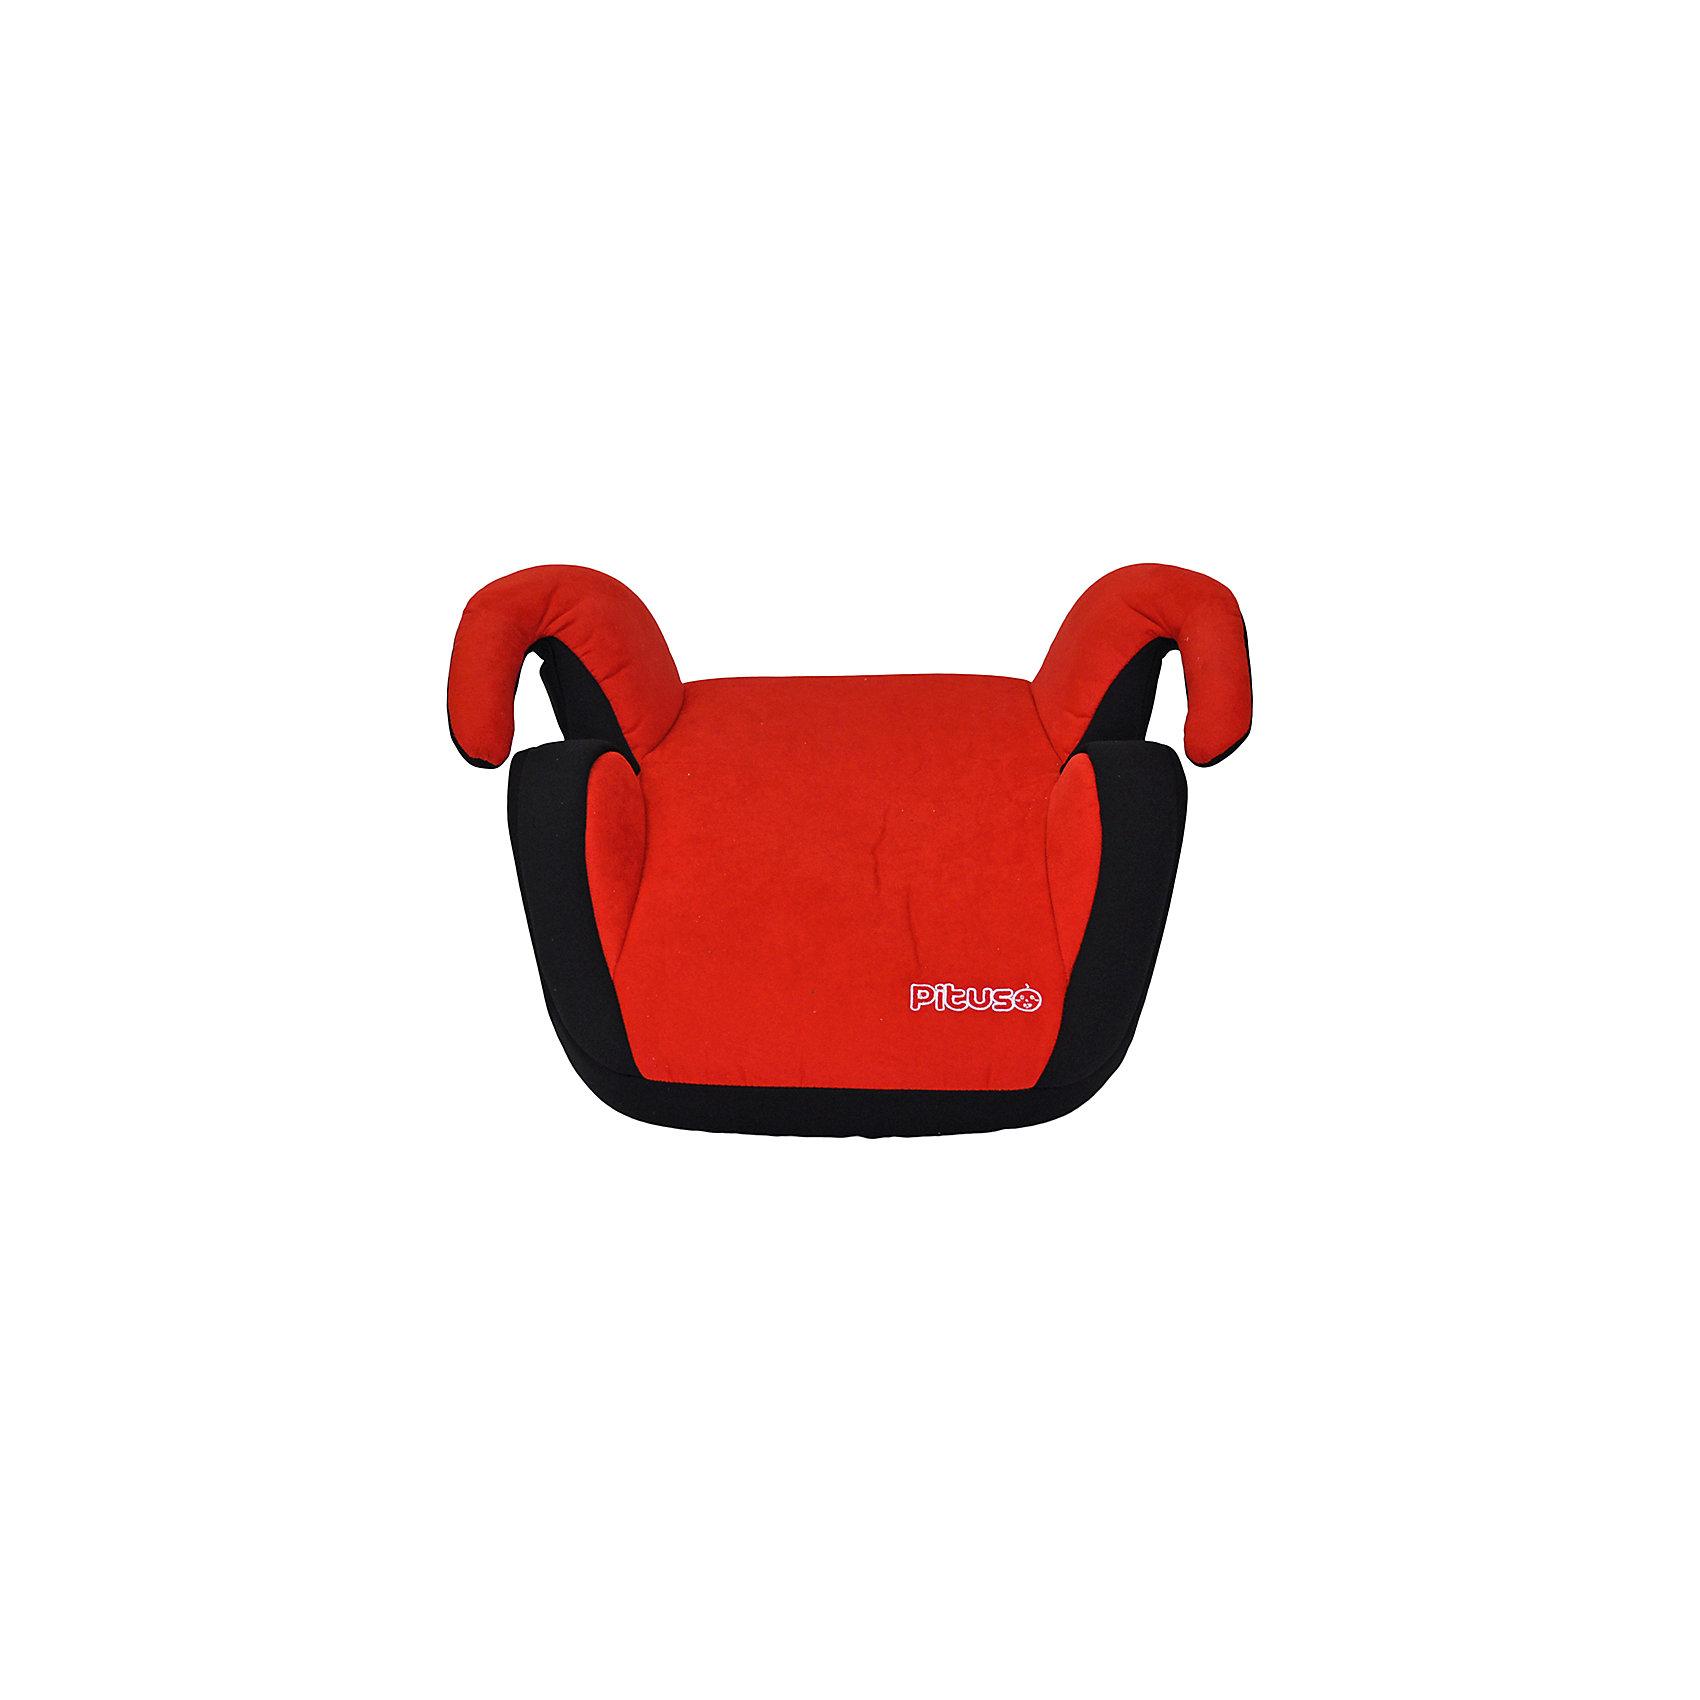 Автокресло-бустер Pituso BILBAO 9-36 кг, красный/черныйБустеры<br>Яркий и красочный и очень удобный бустер - порадует детей, а родители будут спокойны о безопасности своего ребенка!<br>Бустер устанавливается по ходу движения. Он имеет удобные подлокотники и мягкое большое посадочное место. Съемный чехол бустера легко стирается. Устанавливается только на задним сиденье лицом по направлению движения.<br>Малыш будет чувствовать себя безопасно и уютно в таком бустере!<br><br>Характеристики:<br>- Группа: 2/3 (от 9 до 36кг).<br>- Вид крепления: штатным ремнем автомобиля.<br>- Способ установки: только на задним сиденье лицом по направлению движения.<br><br>Дополнительная информация:<br><br>- Возраст: от 4 до 10 лет.<br>- Материал: пластик, текстиль.<br>- Цвет: красный/черный.<br>- Размер упаковки: 39х43х14 см.<br>- Вес в упаковке: 1700 г.<br><br>Купить бустер BILBAO 9-36 кг. Pituso, в цвете красный/черный, можно в нашем магазине.<br><br>Ширина мм: 390<br>Глубина мм: 430<br>Высота мм: 140<br>Вес г: 1700<br>Возраст от месяцев: 12<br>Возраст до месяцев: 144<br>Пол: Унисекс<br>Возраст: Детский<br>SKU: 4828332